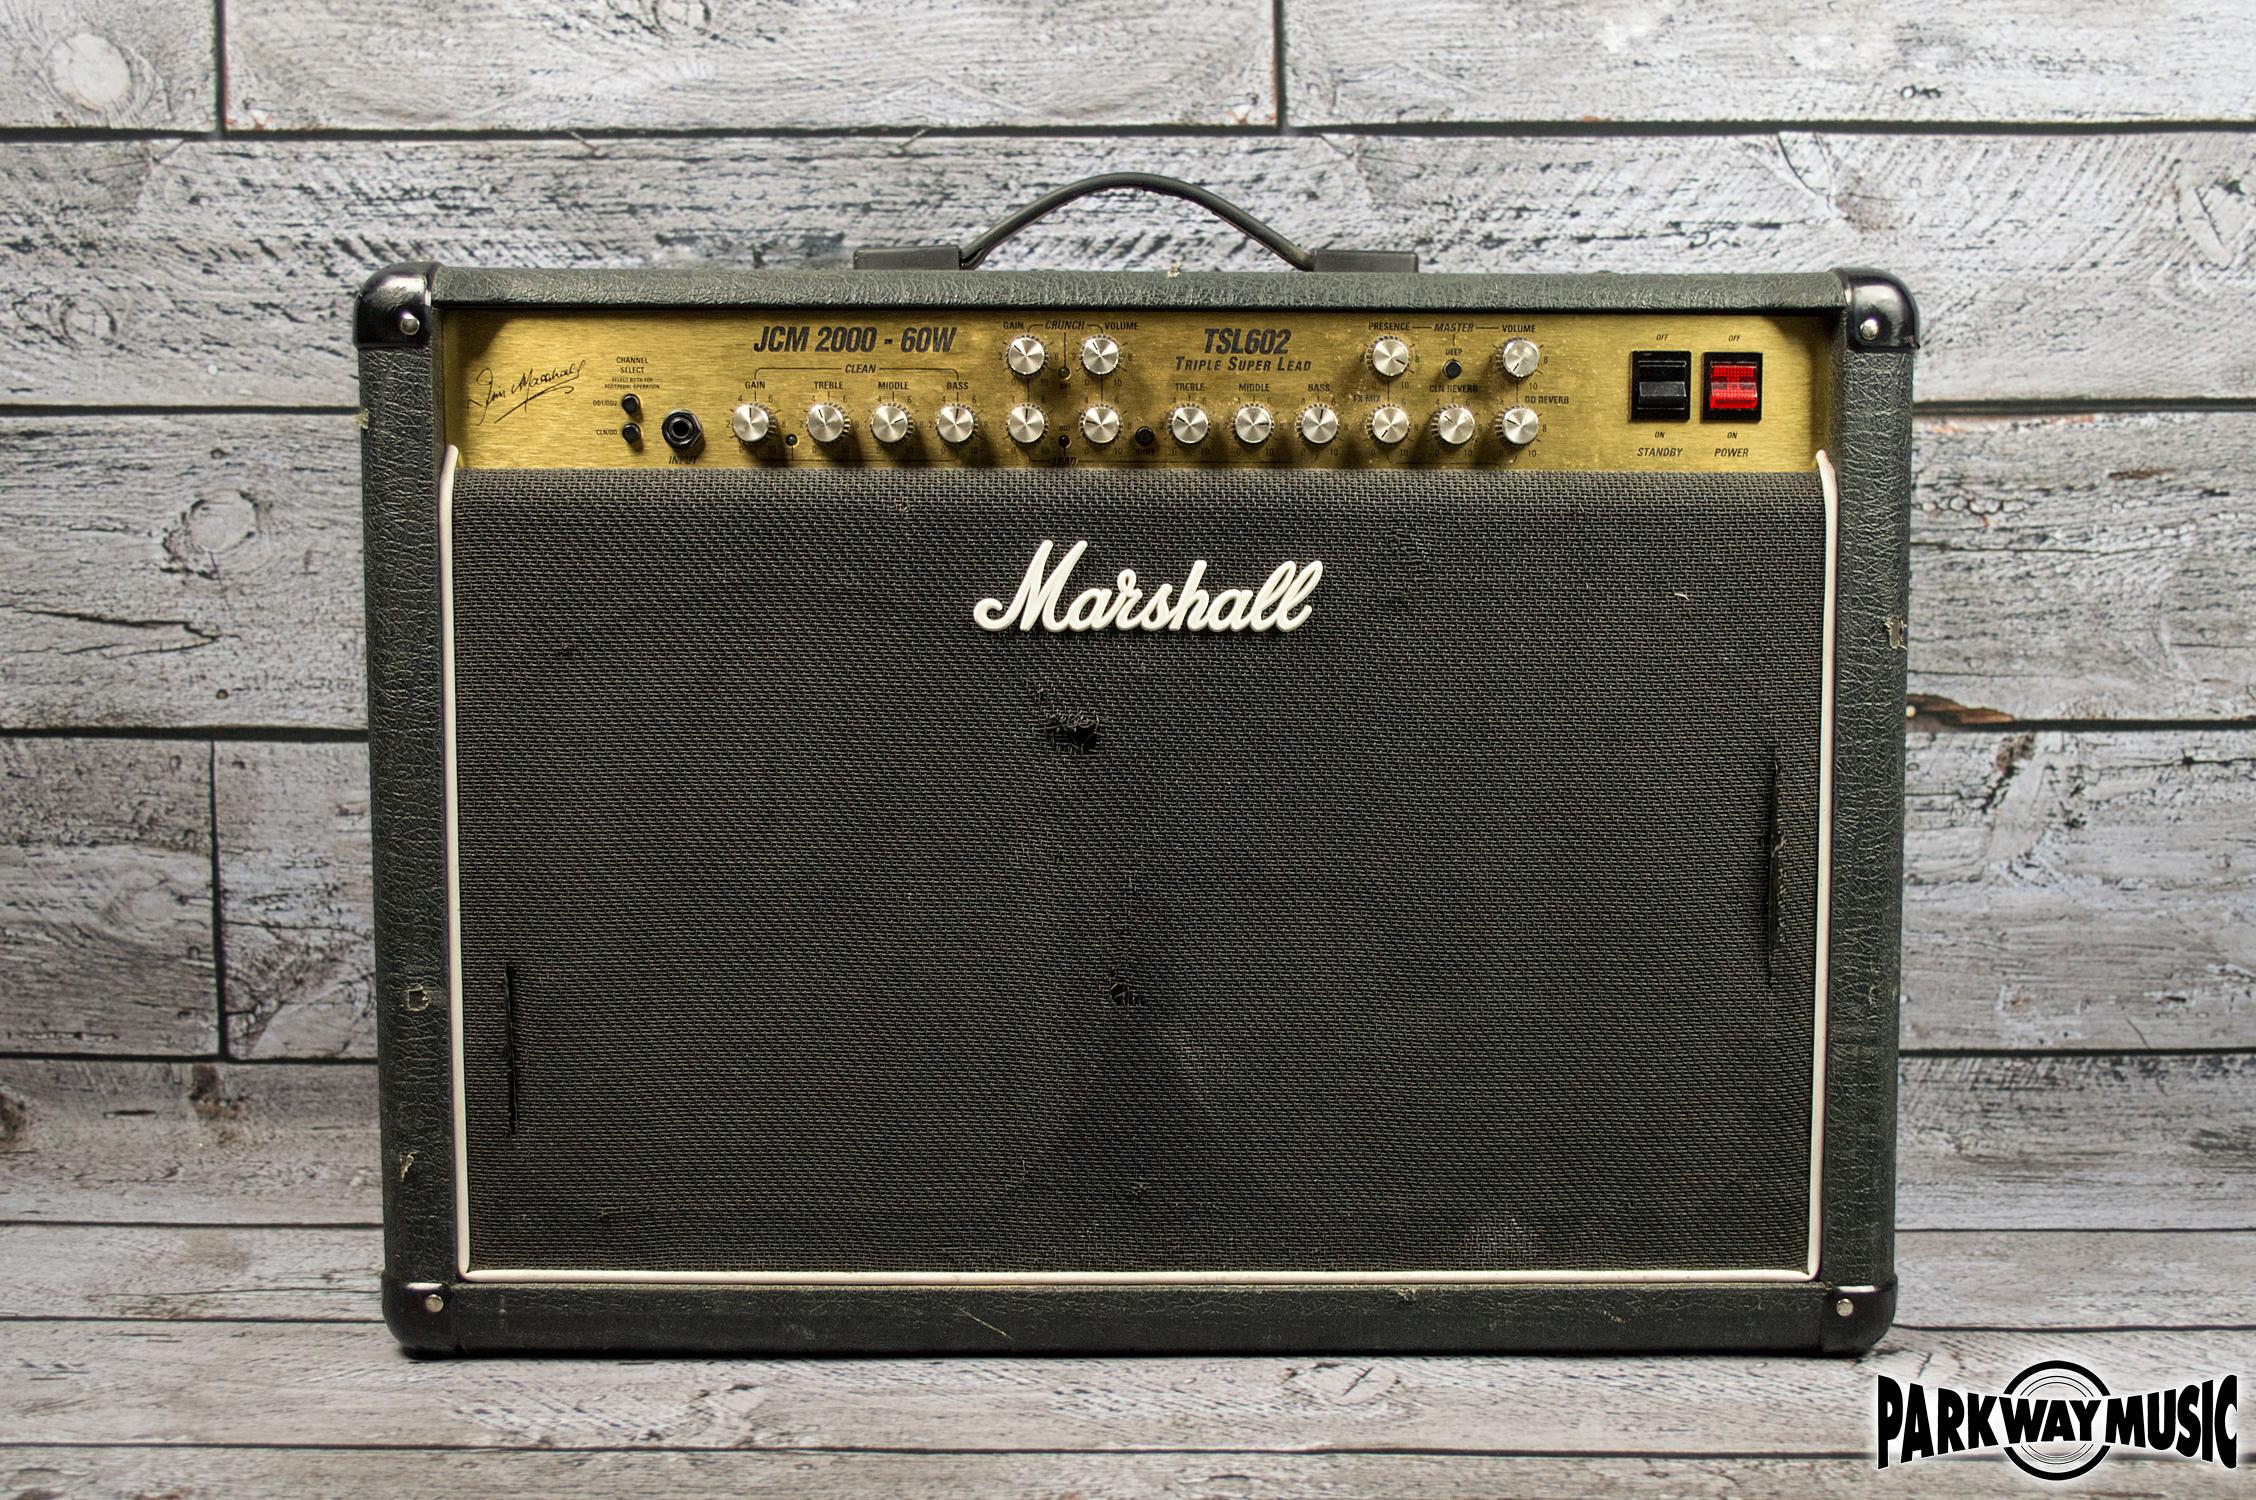 Marshall JCM 2000 TSL602 (USED) - HOLD